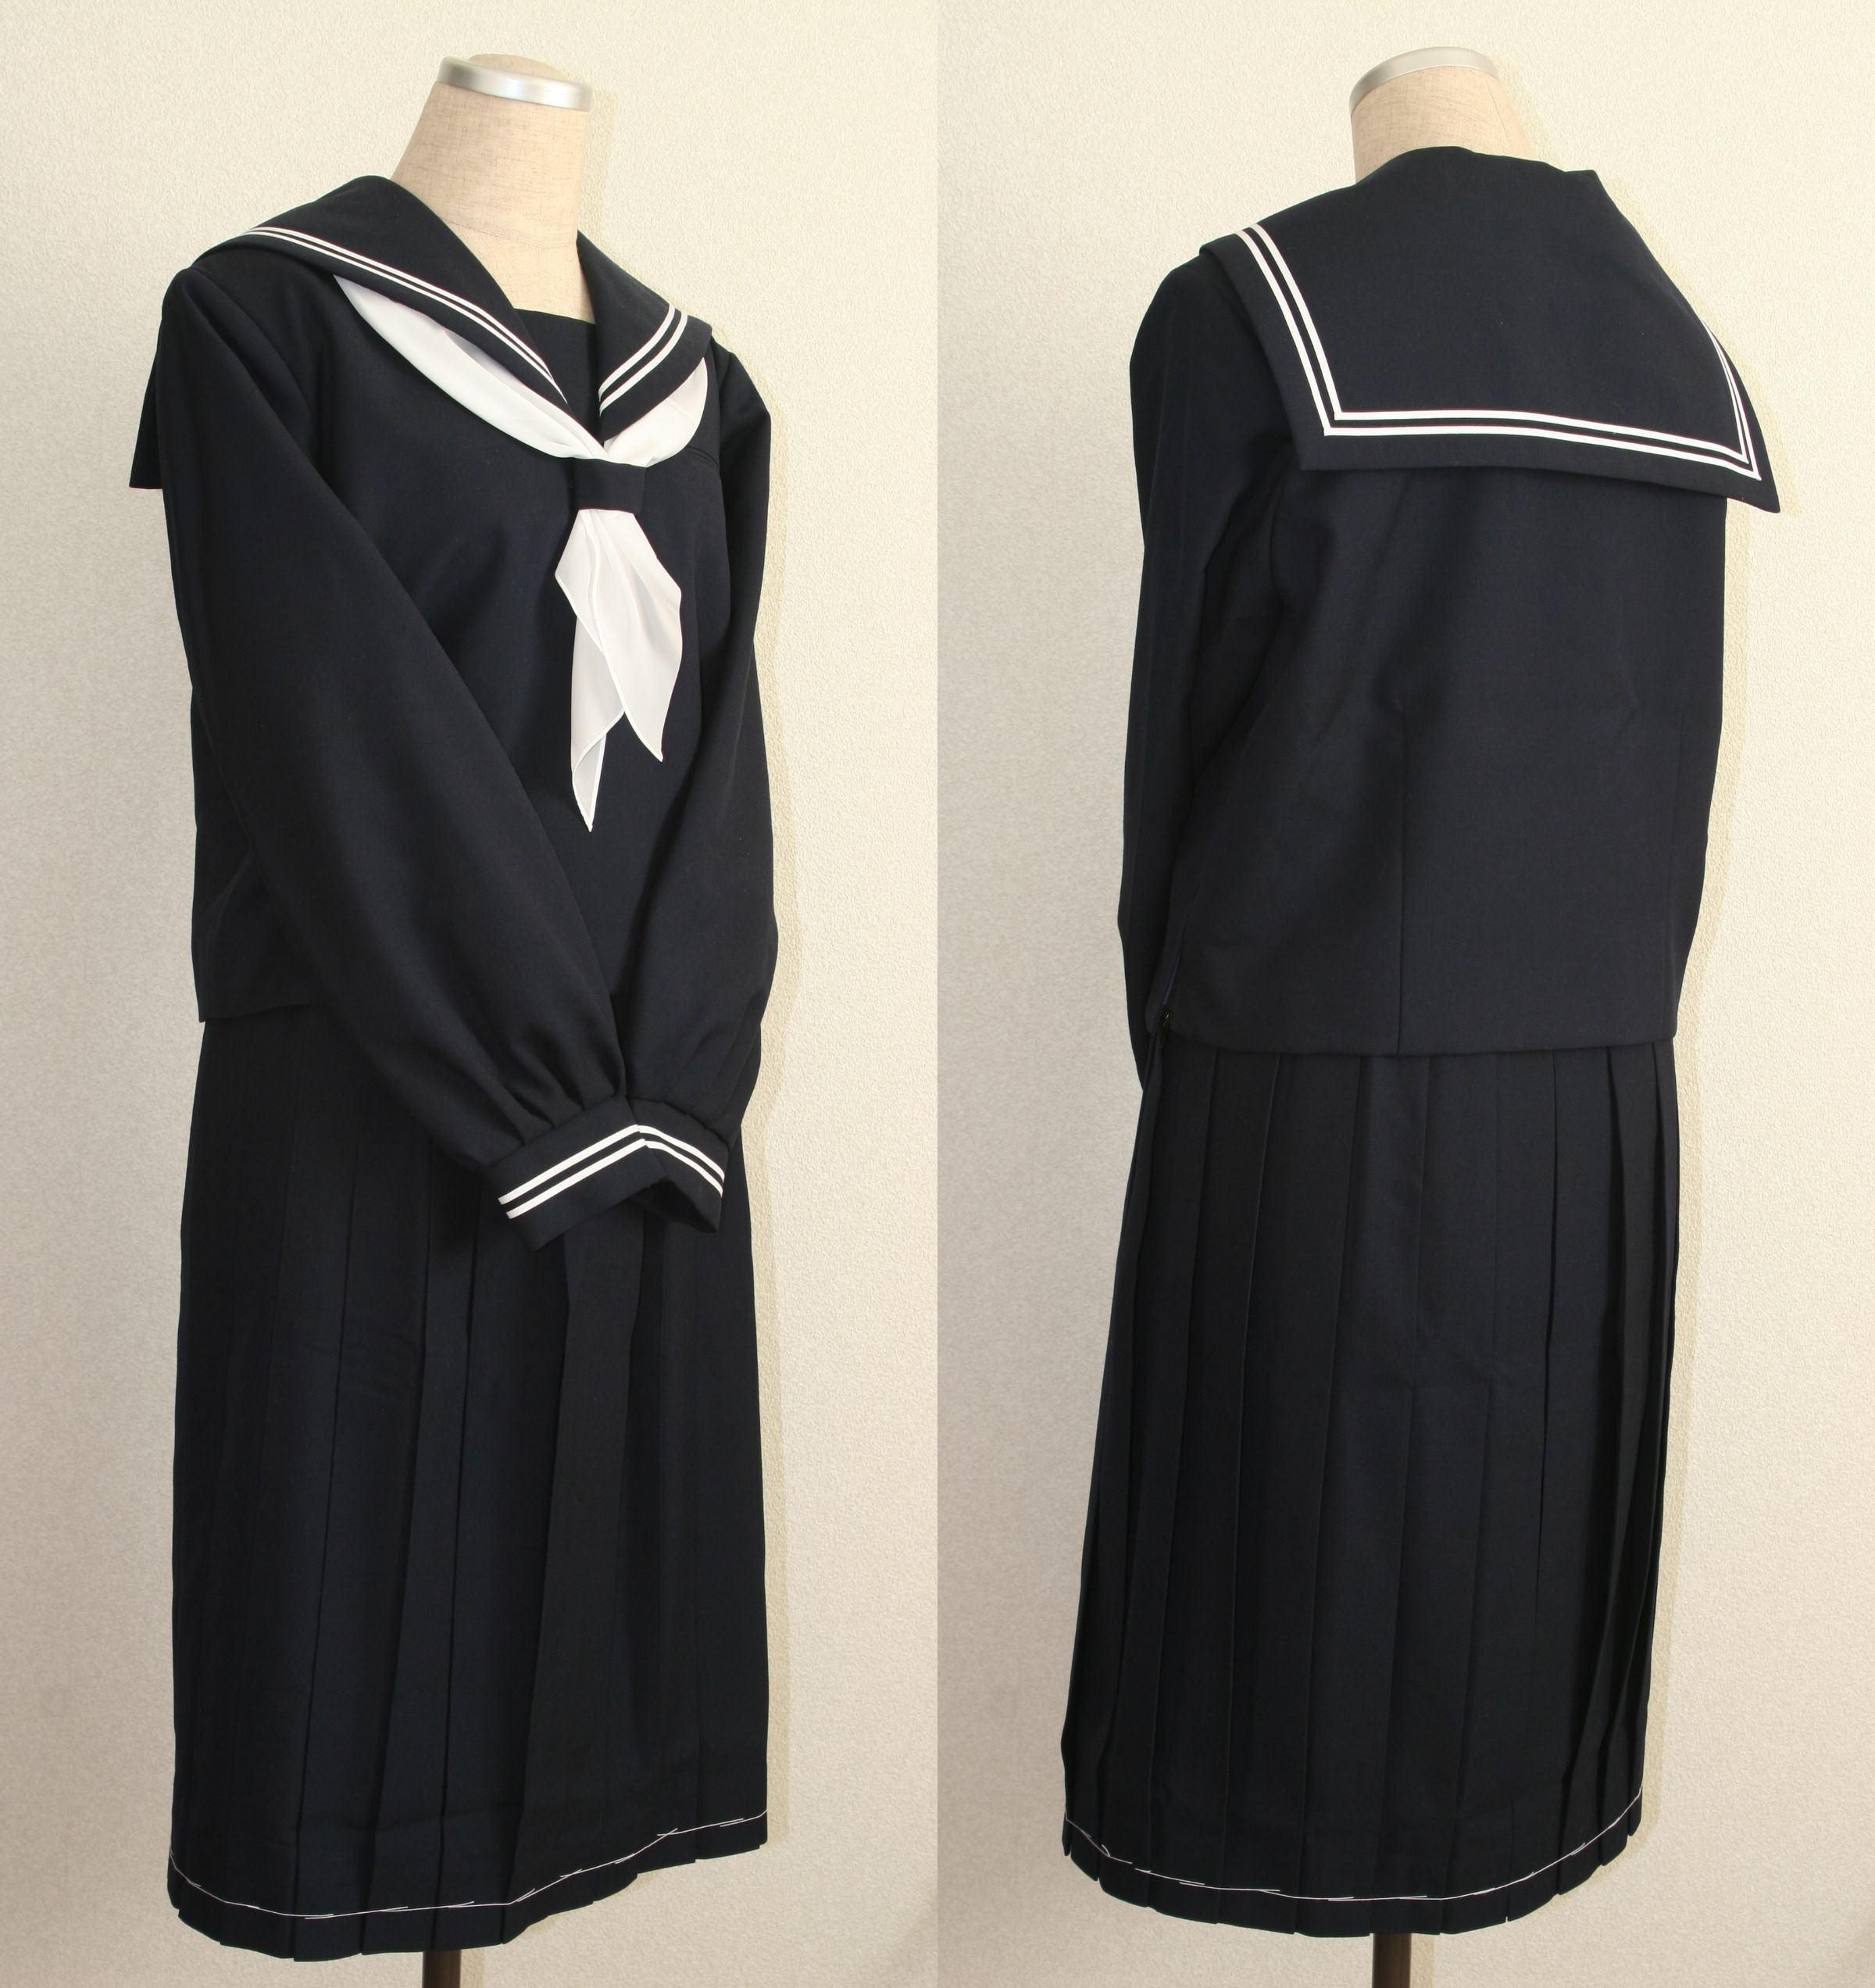 School uniforms in Japan - Wikipedia